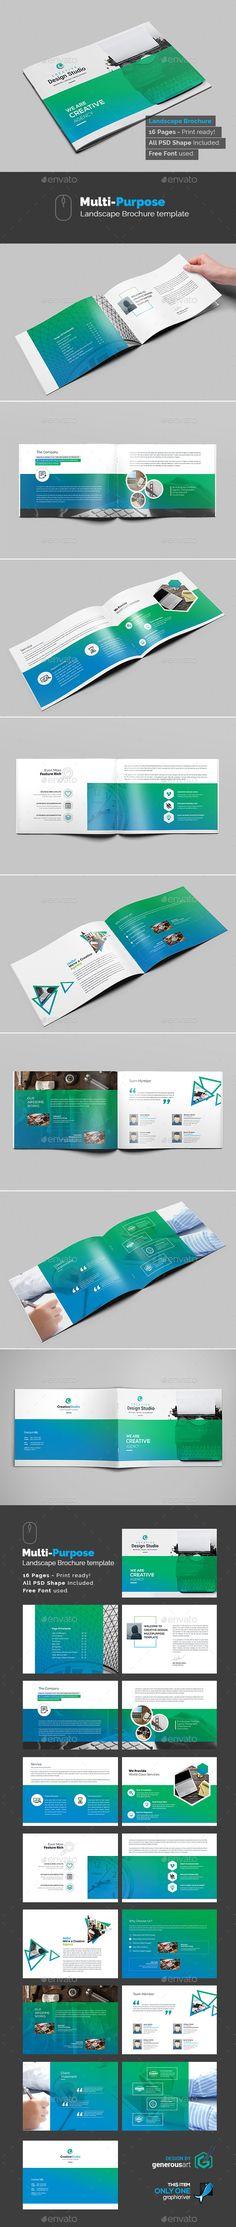 Multi-Purpose Agency Landscape Brochure Template PSD